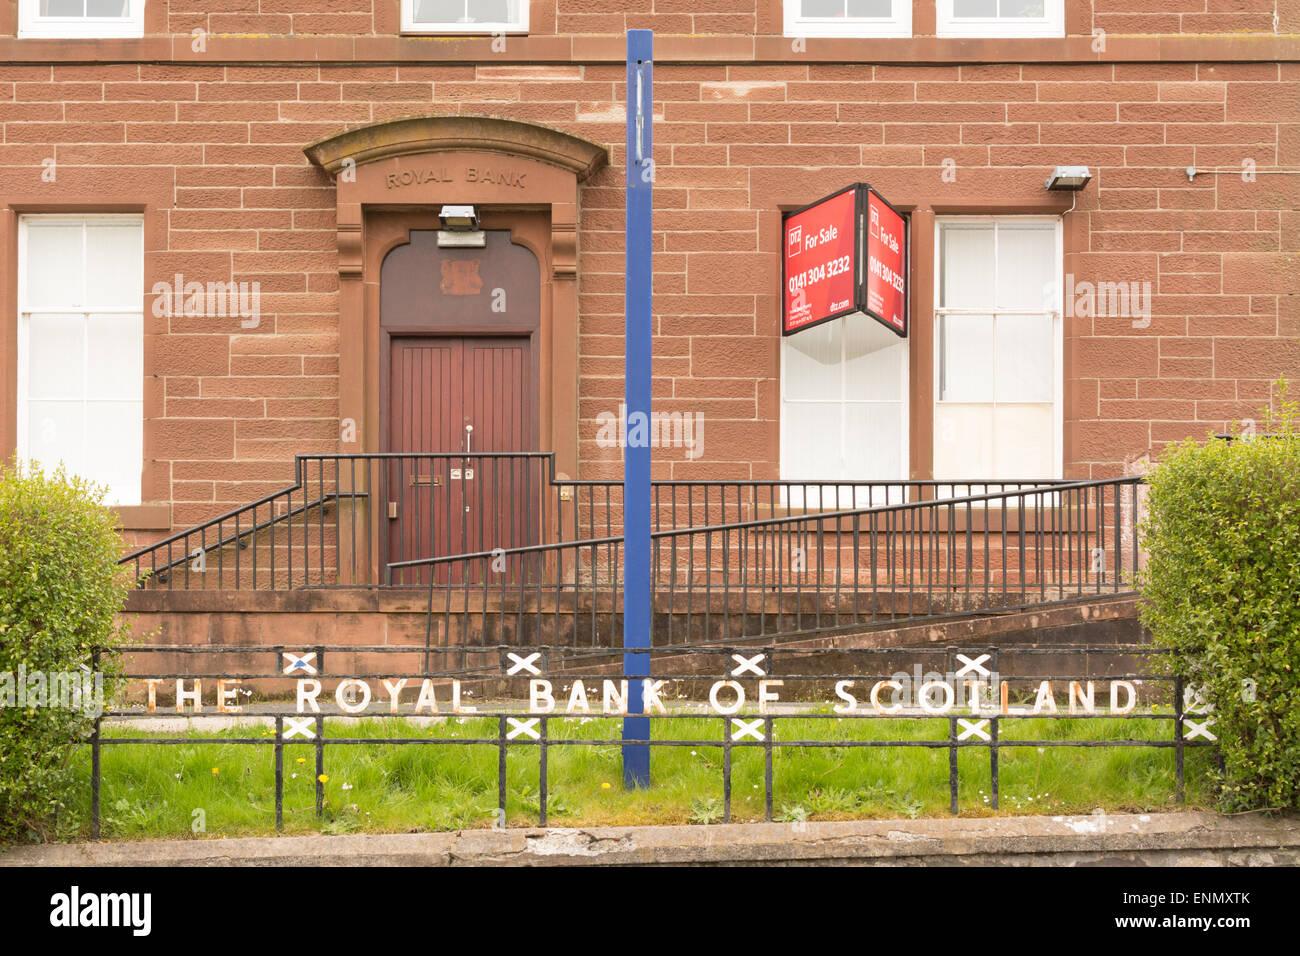 The Royal Bank of Scotland, Drymen - ramo rurale chiuso e per la vendita Immagini Stock